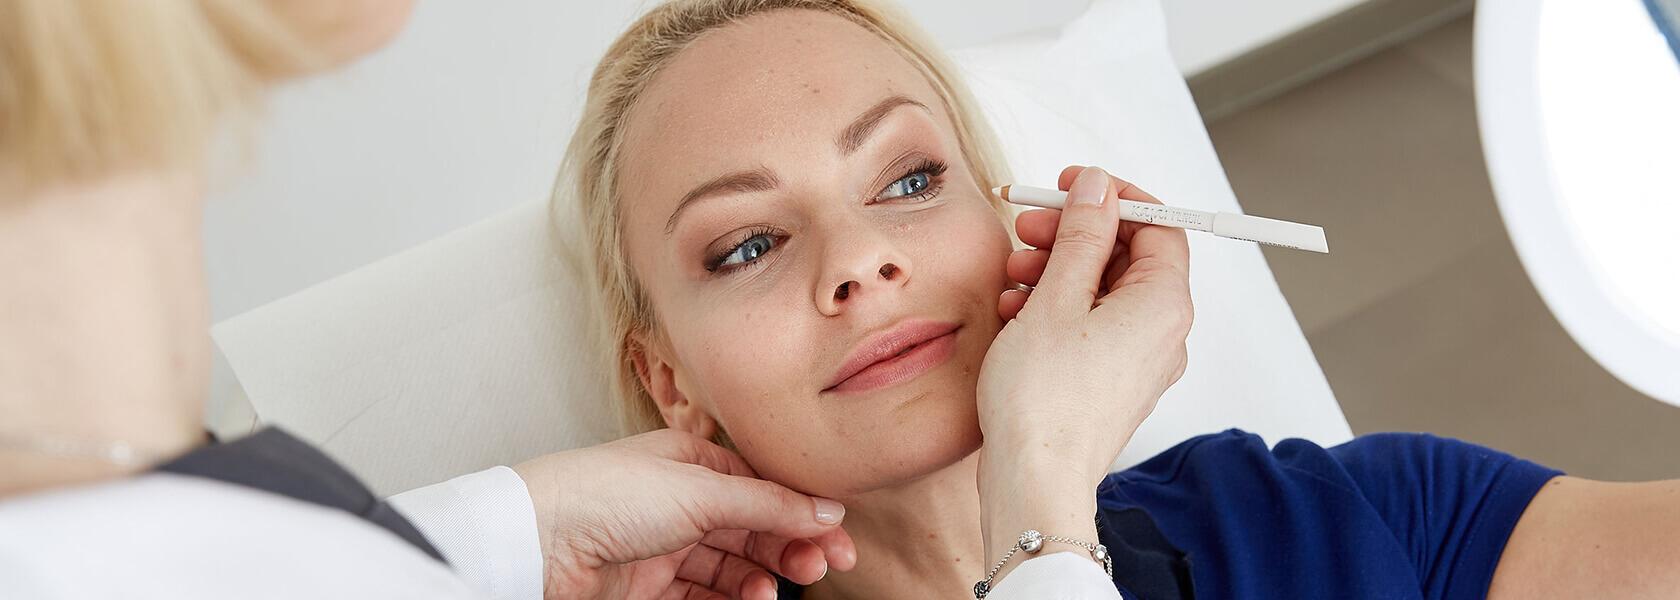 Pigmentflecken entfernen, Altersflecken entfernen, Pigmentstörungen entfernen, Sommersprossen entfernen mit dem Laser in Linz